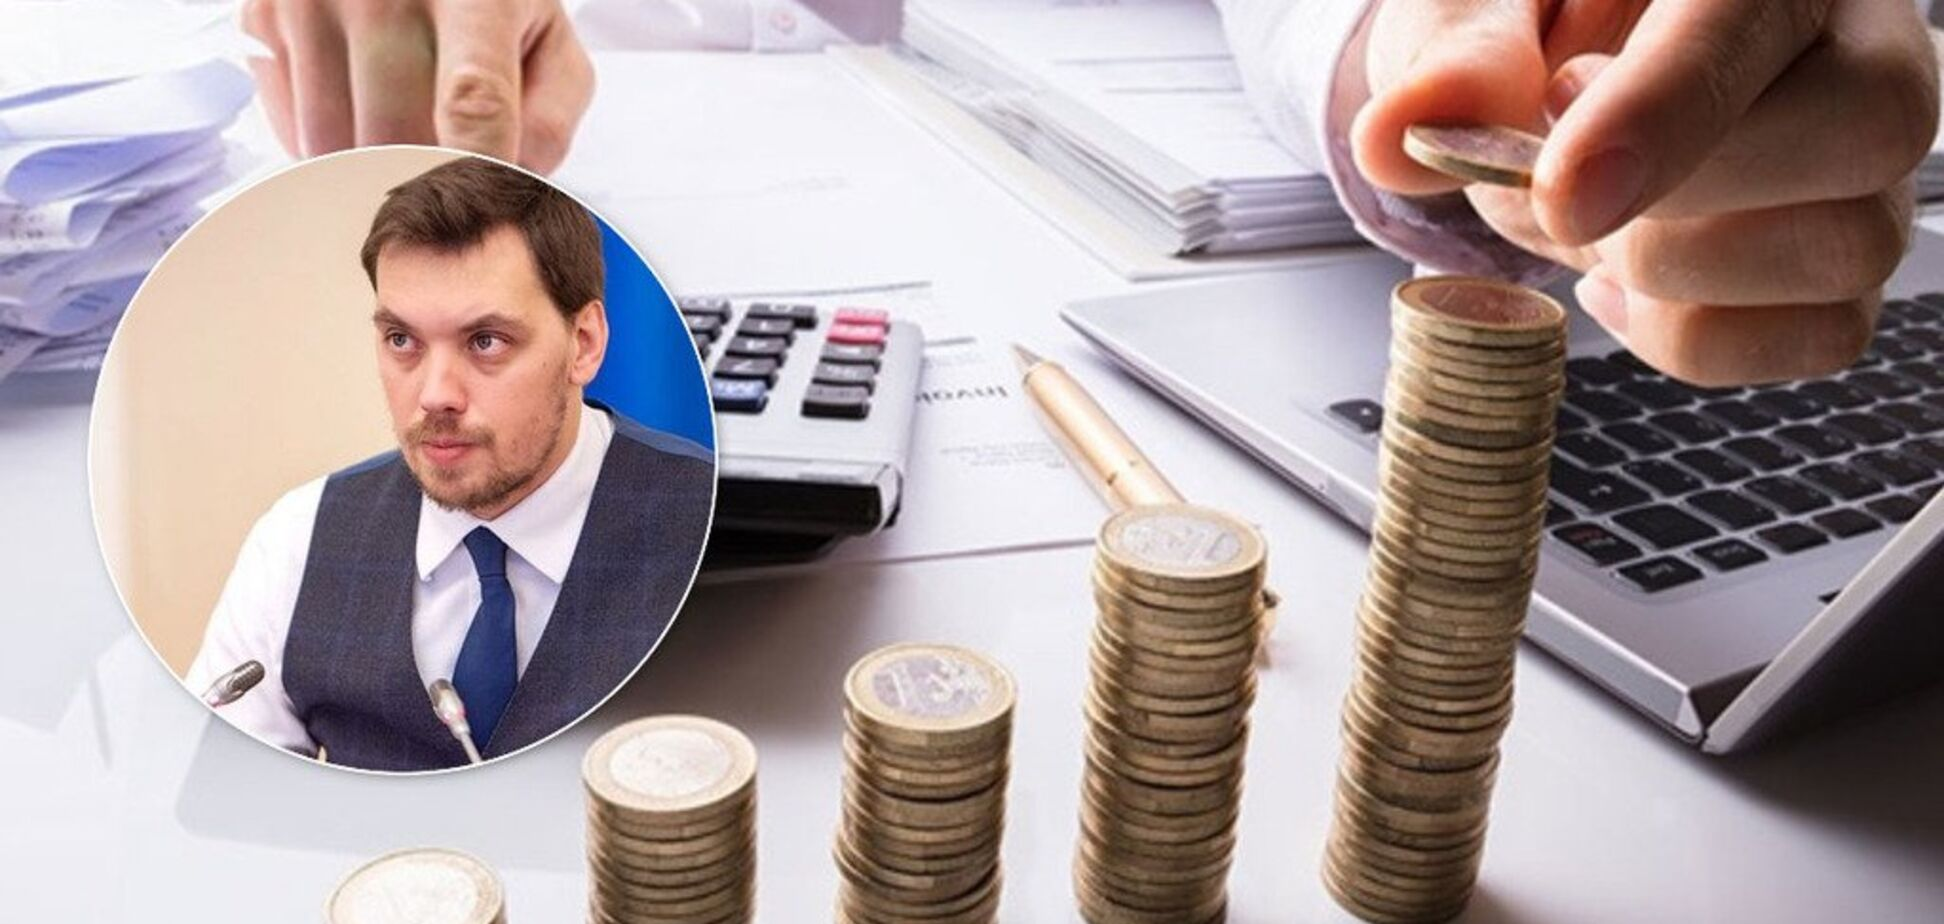 В Украине резко изменят штрафы, пересчитают пенсии и зарплаты: Кабмин разработал кардинальную реформу